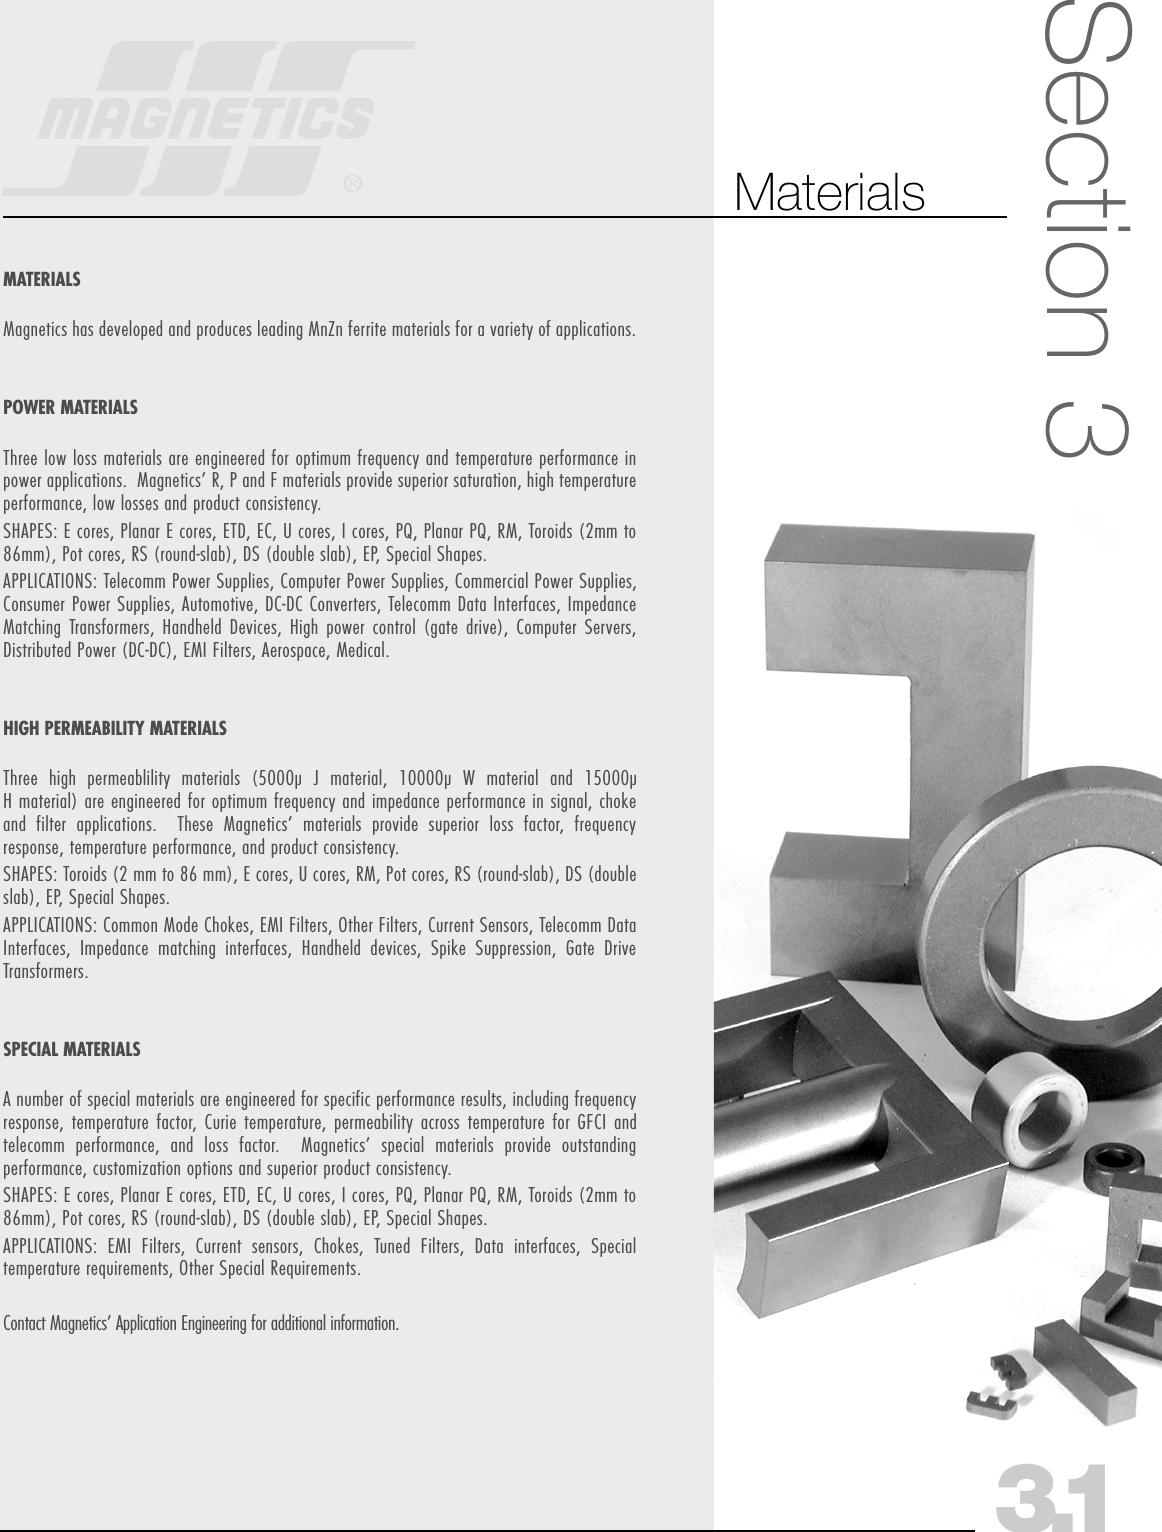 2005B Magnetics Ferrite Catalog uncut